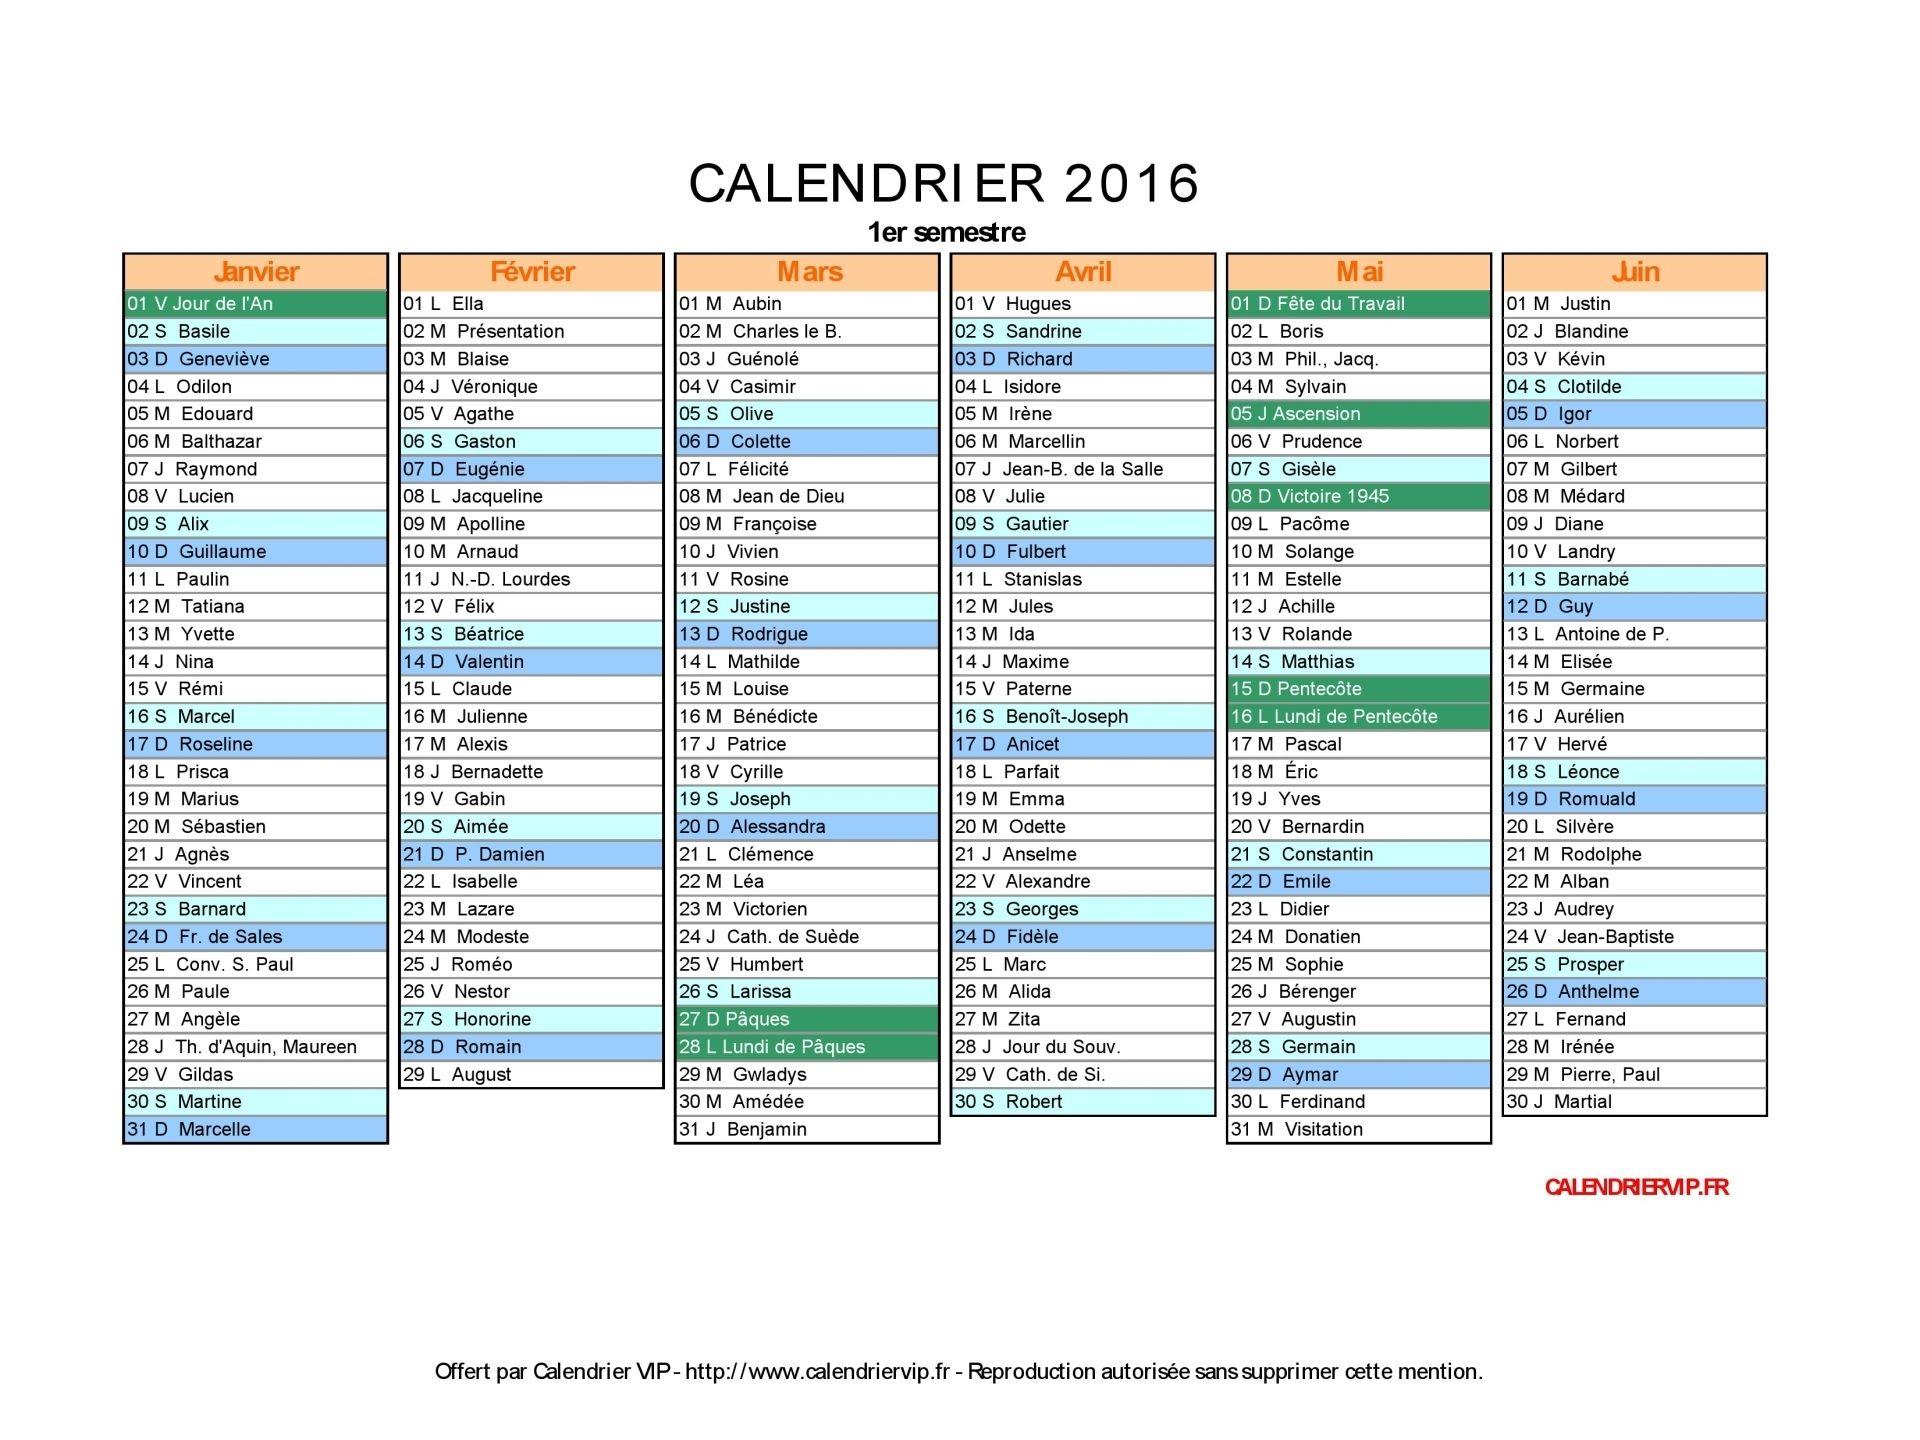 Calendrier 2016 Avec Jours Fériés Vacances Scolaires concernant Calendrier 2019 Avec Jours Fériés Vacances Scolaires